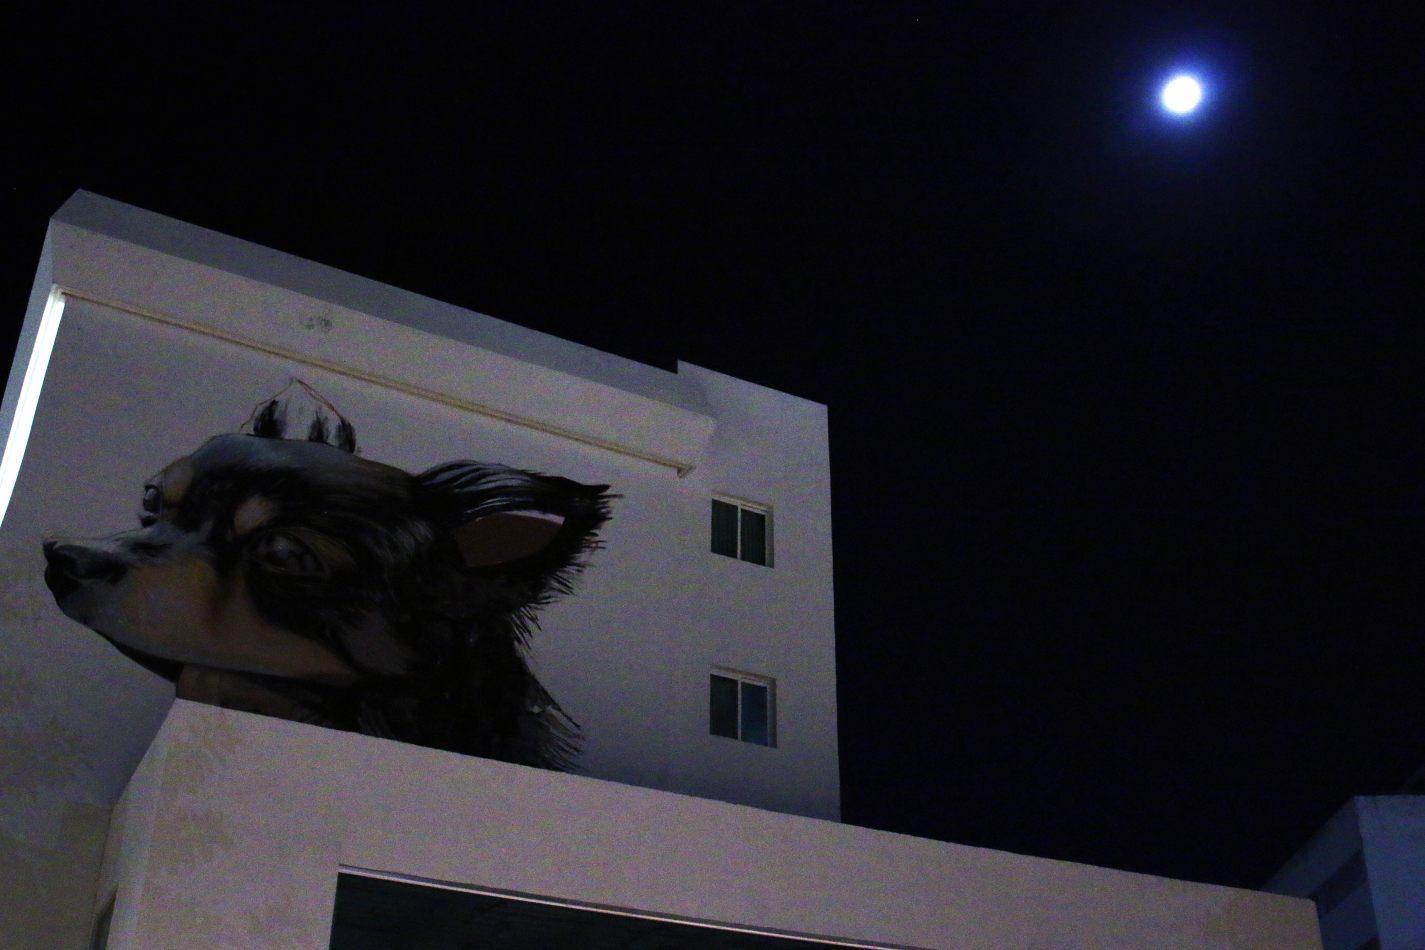 Anthony Ellis Photography: Small Sacrifices - Moon Dog